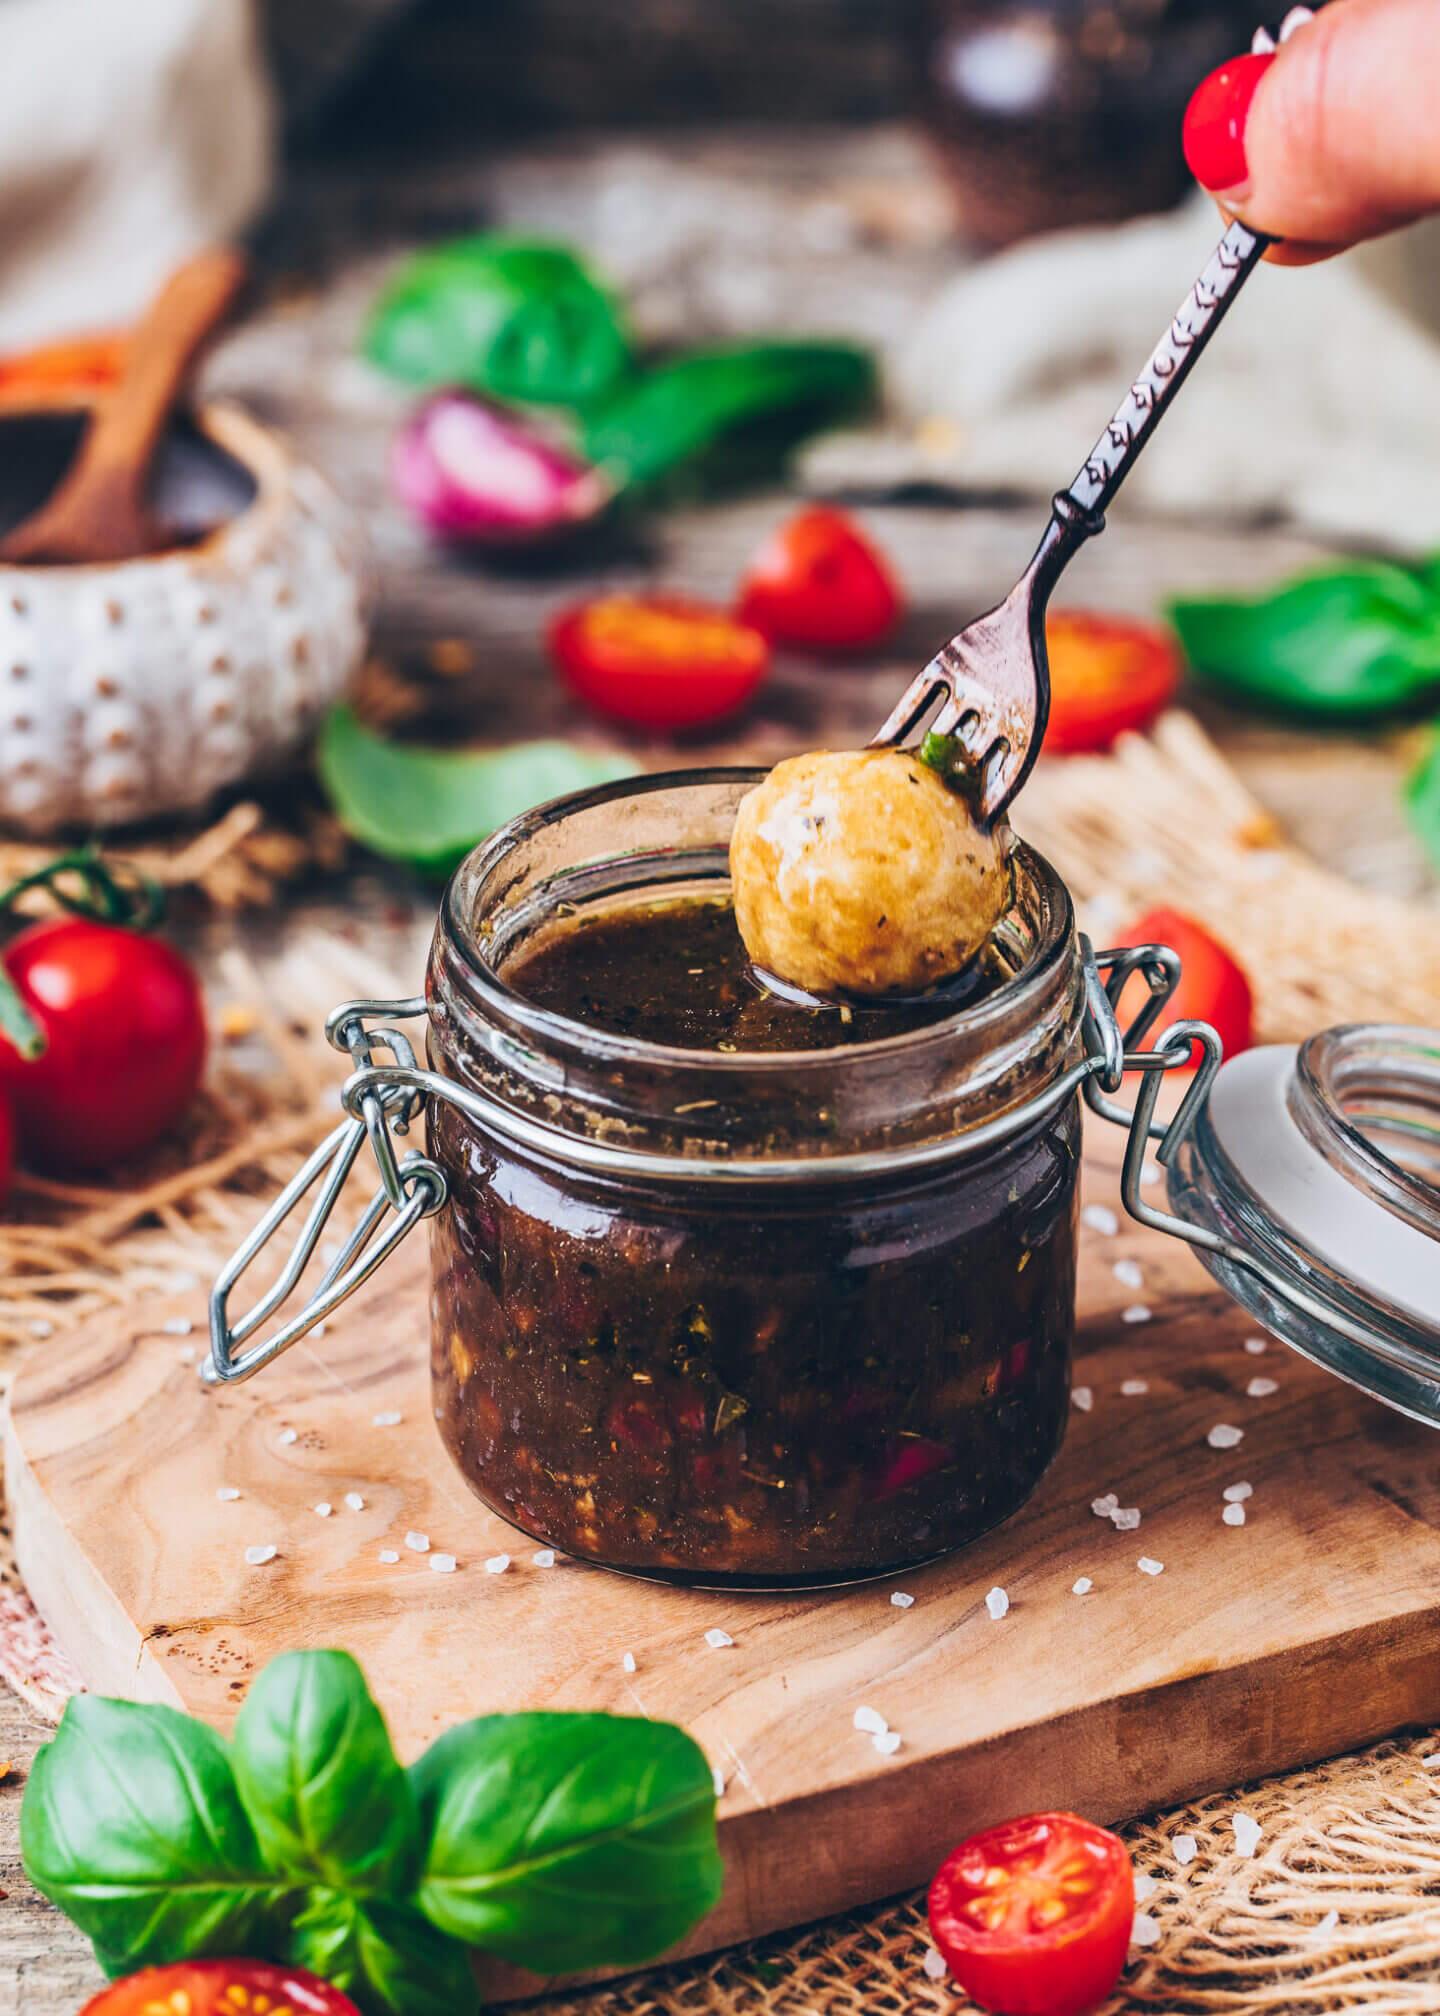 Balsamic Vinaigrette (Homemade Dressing)